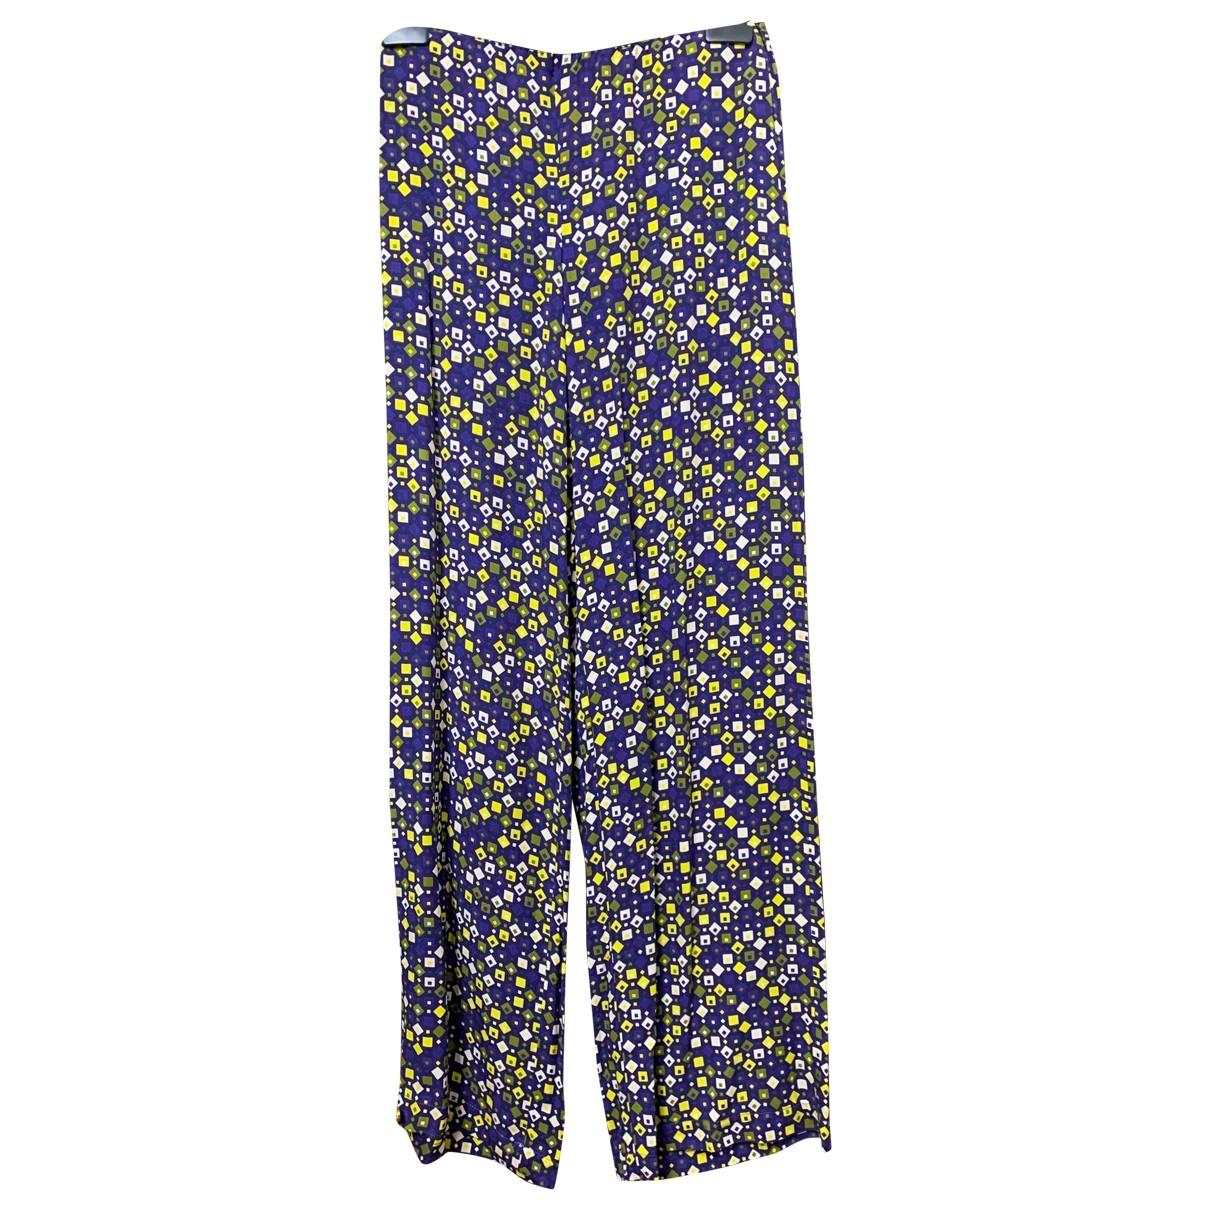 Pantalon largo Non Signe / Unsigned